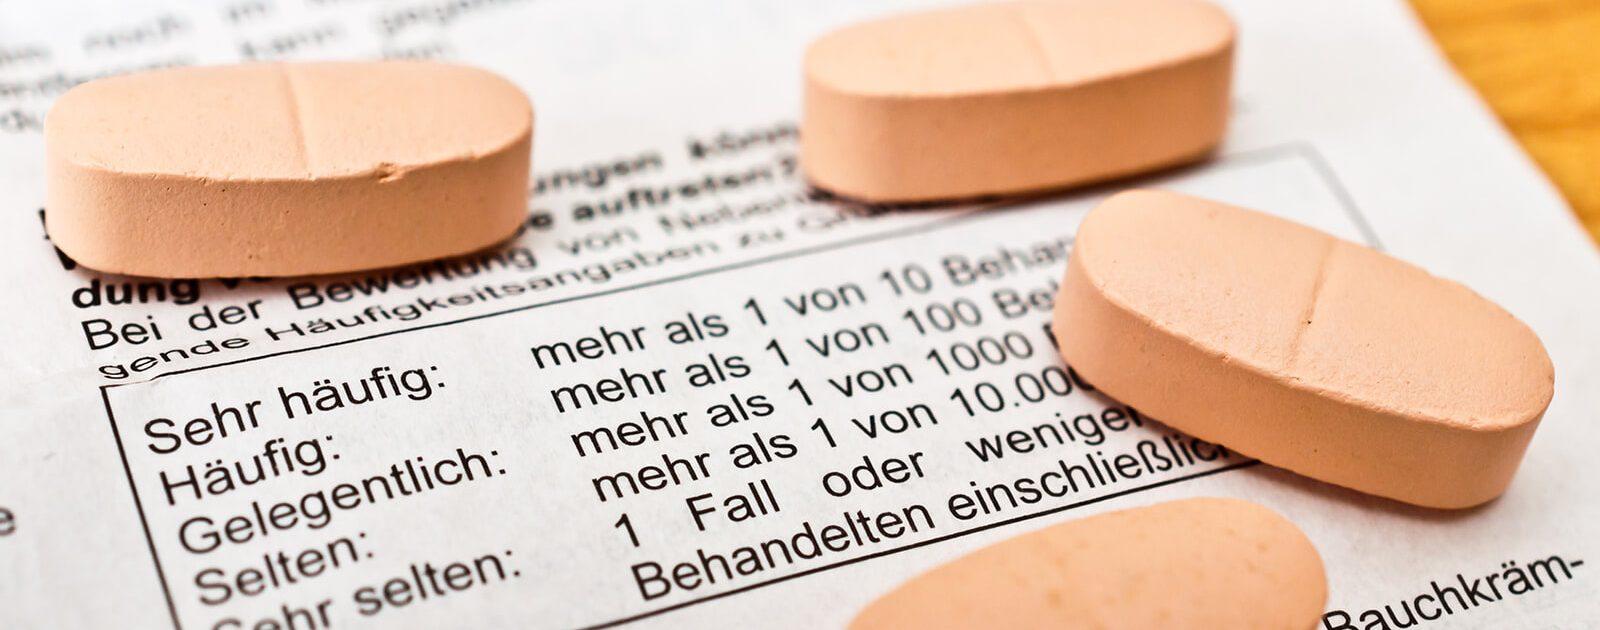 Mögliche Nebenwirkungen von Medikamenten auf die Augen stehen im Beipackzettel.